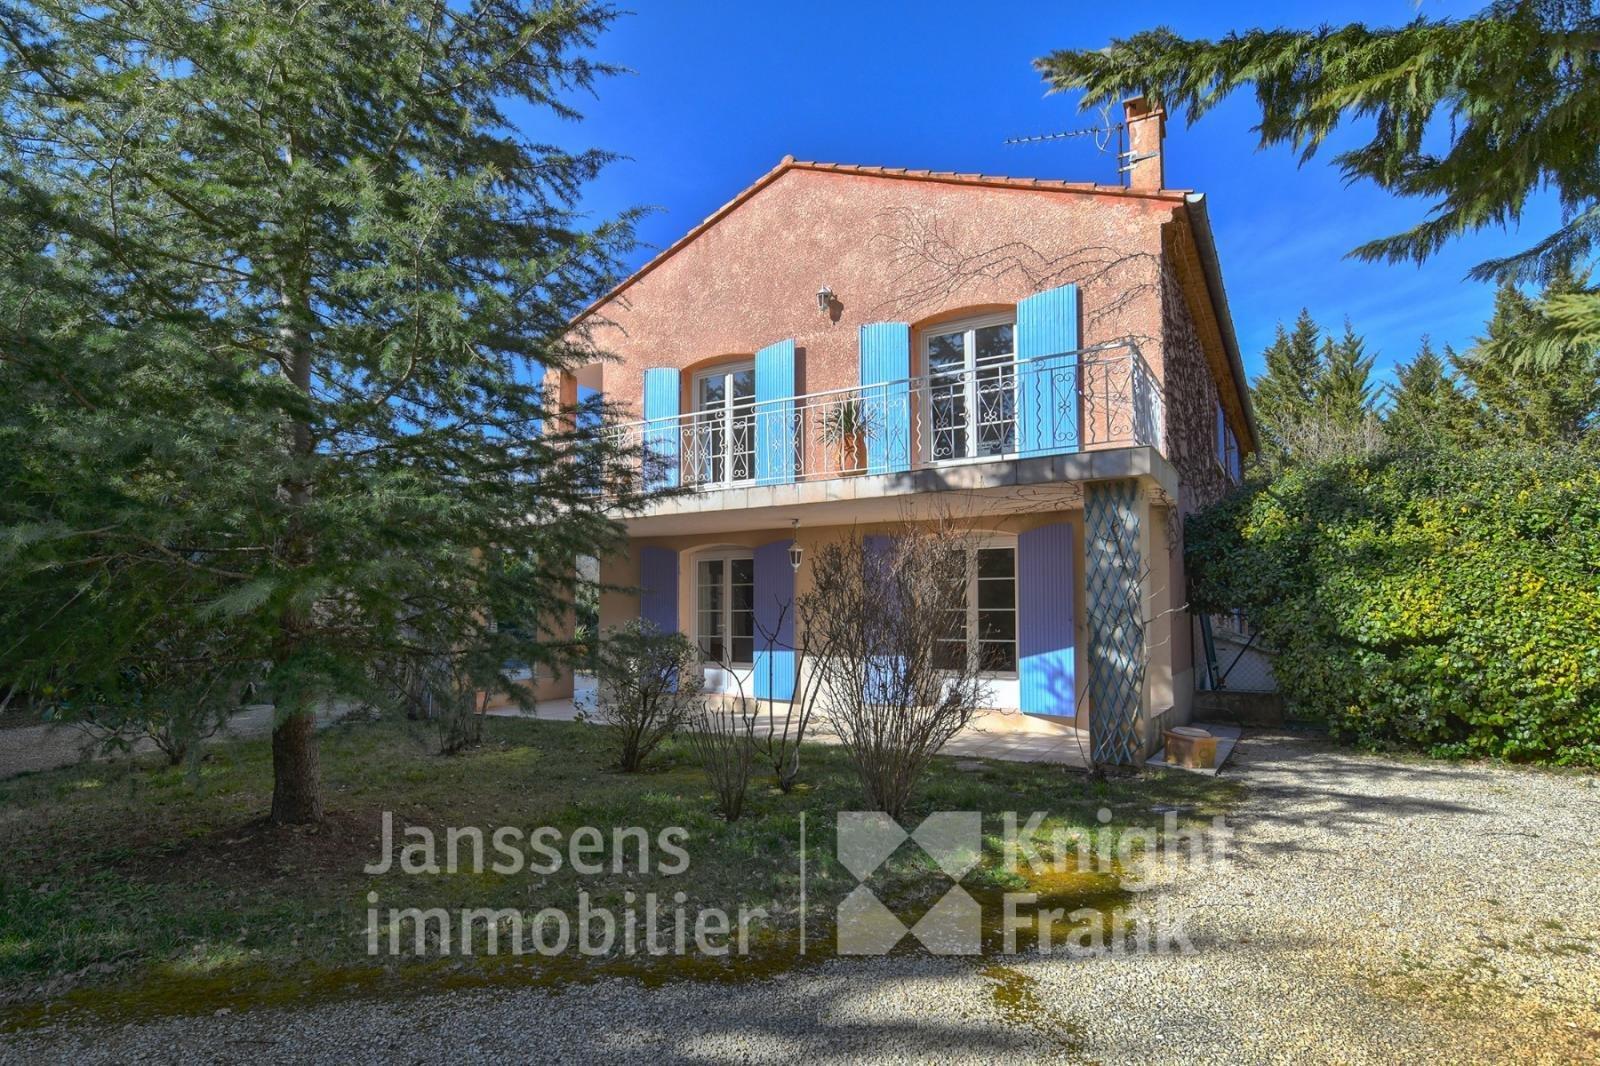 Villa in Peypin-d'Aigues, Provence-Alpes-Côte d'Azur, France 1